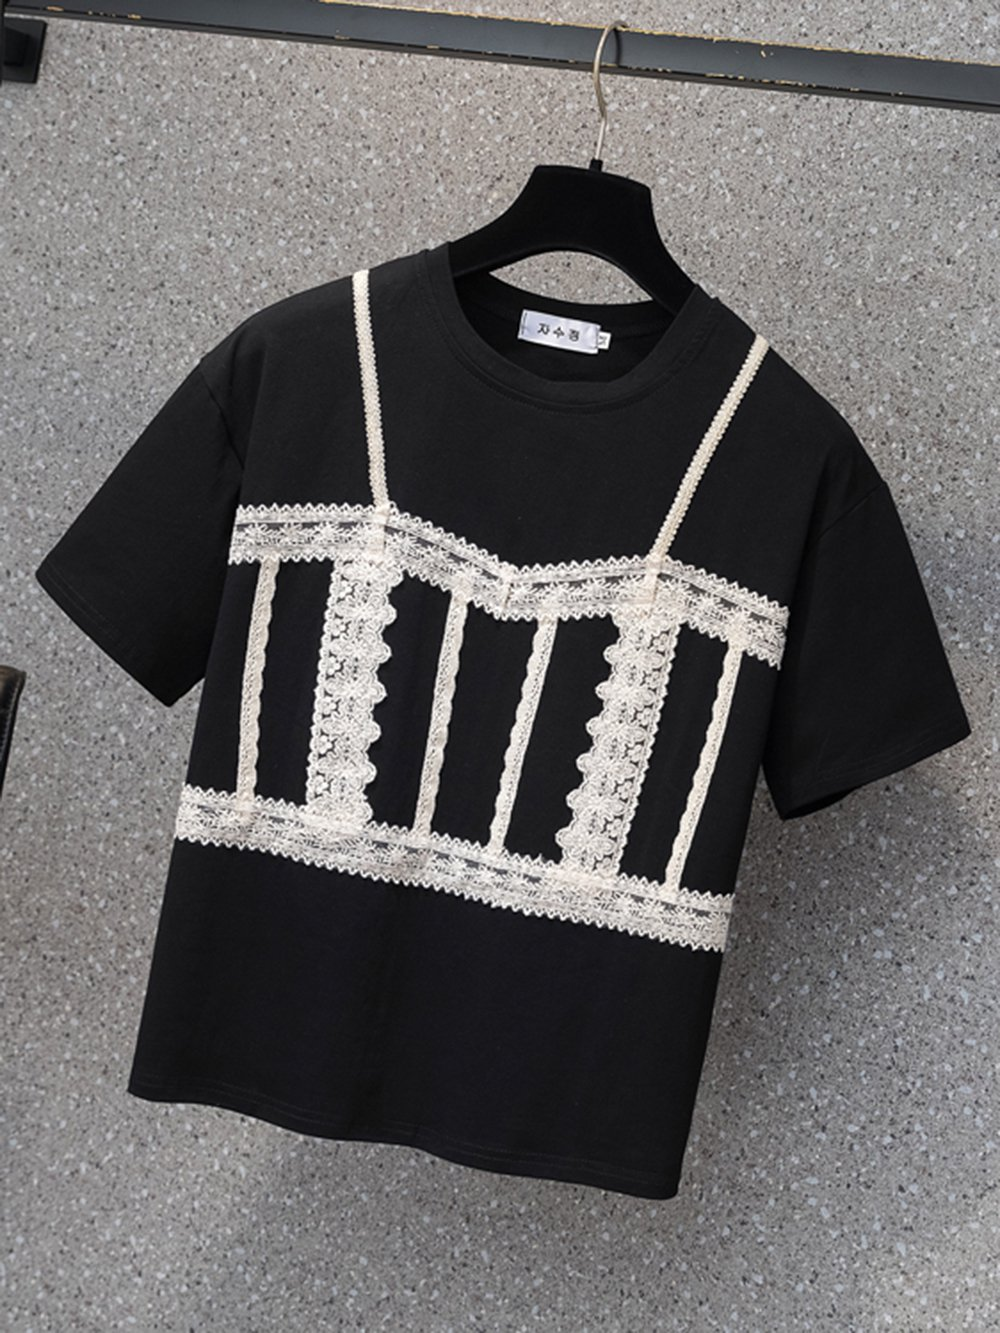 【広州仕入れ】ワンポイントレース 半袖ラウンドネックTシャツ